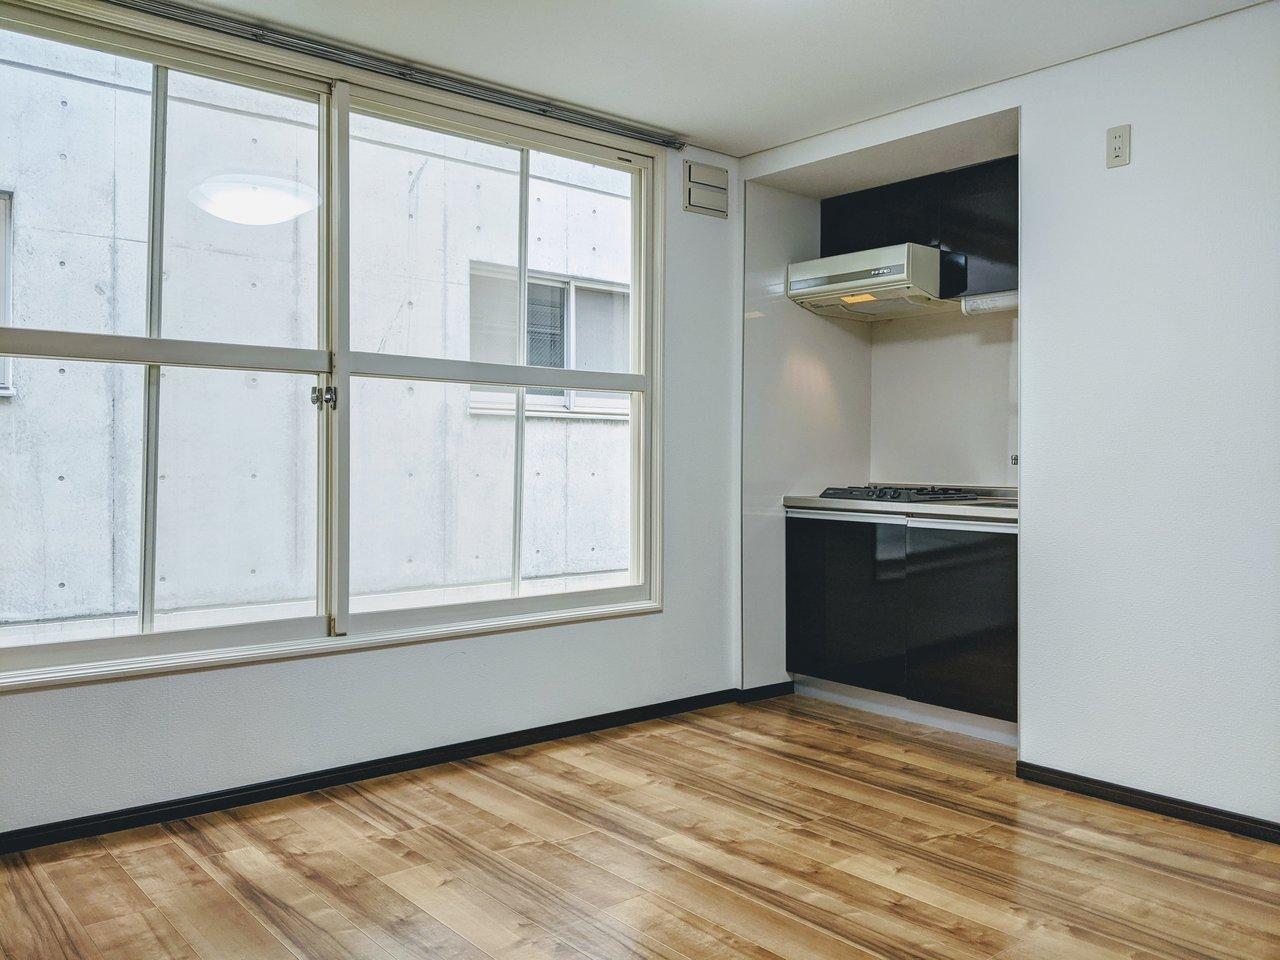 8畳のリビングに4畳の洋室。一人暮らしには生活しやすいお部屋です。リビングにある大きな窓が印象的。